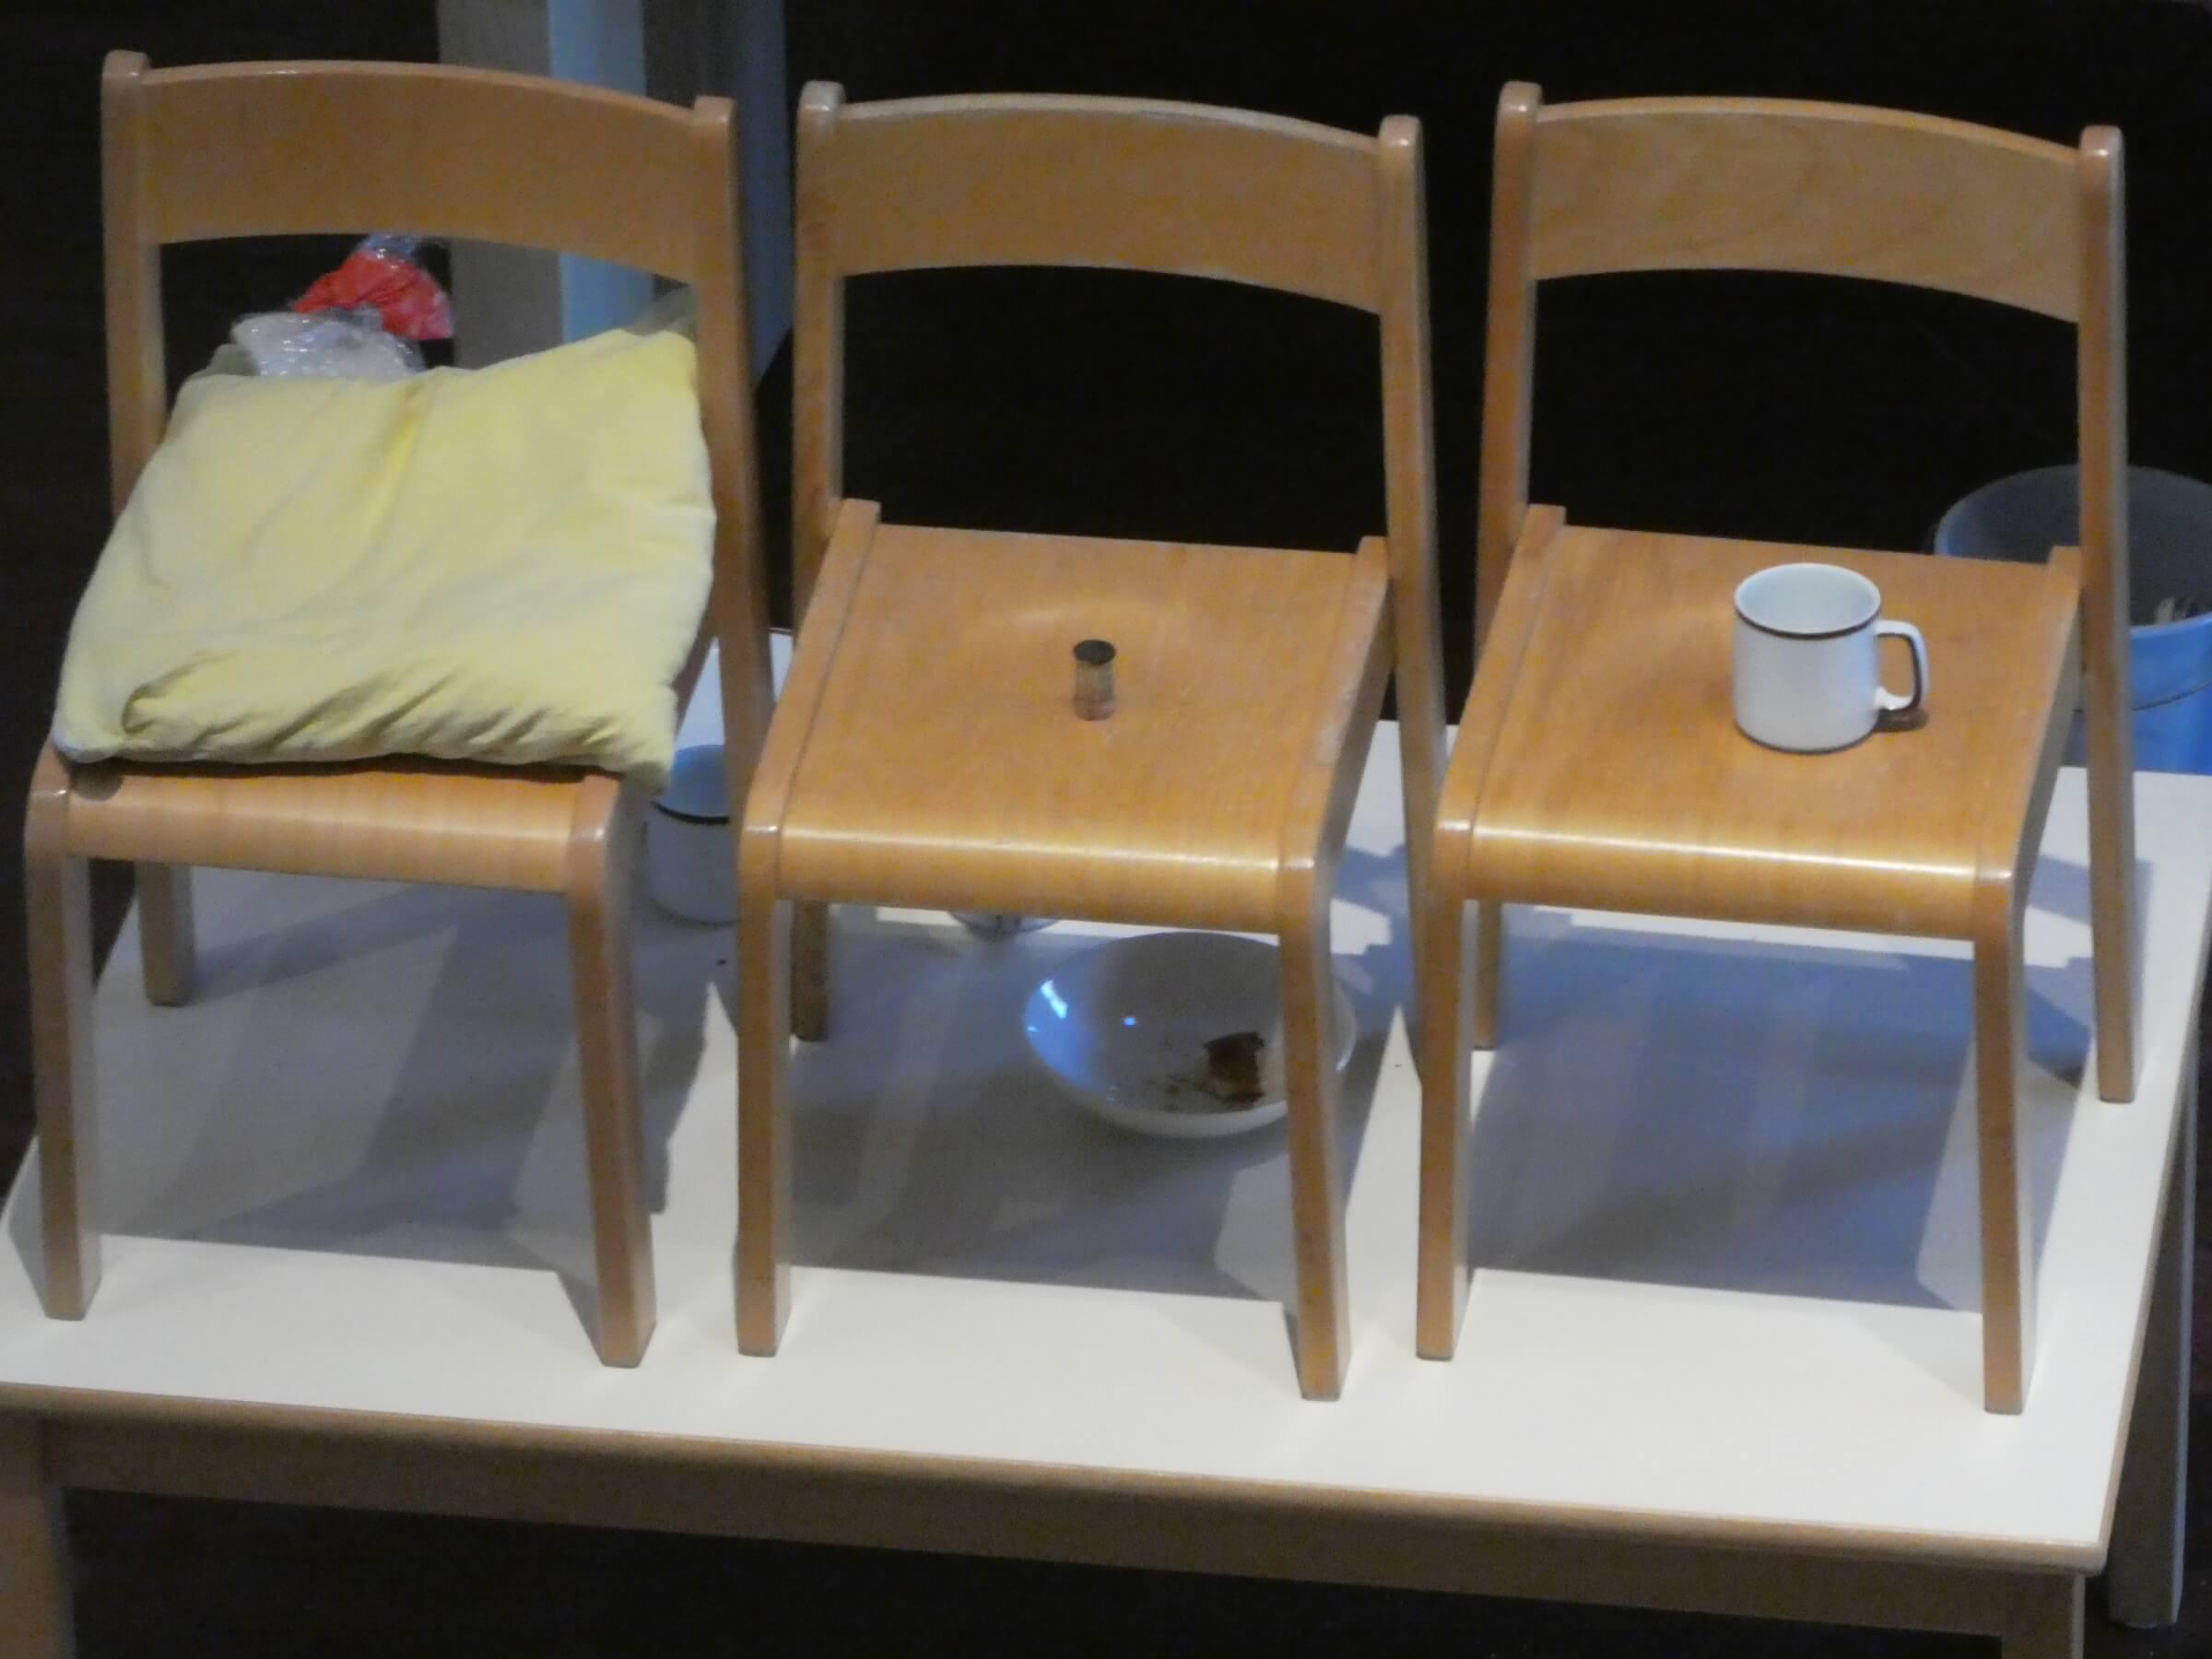 Kissen, Farbe und Tasse auf Stühlen. Seinen Freunden gibts der Herr im Schlaf